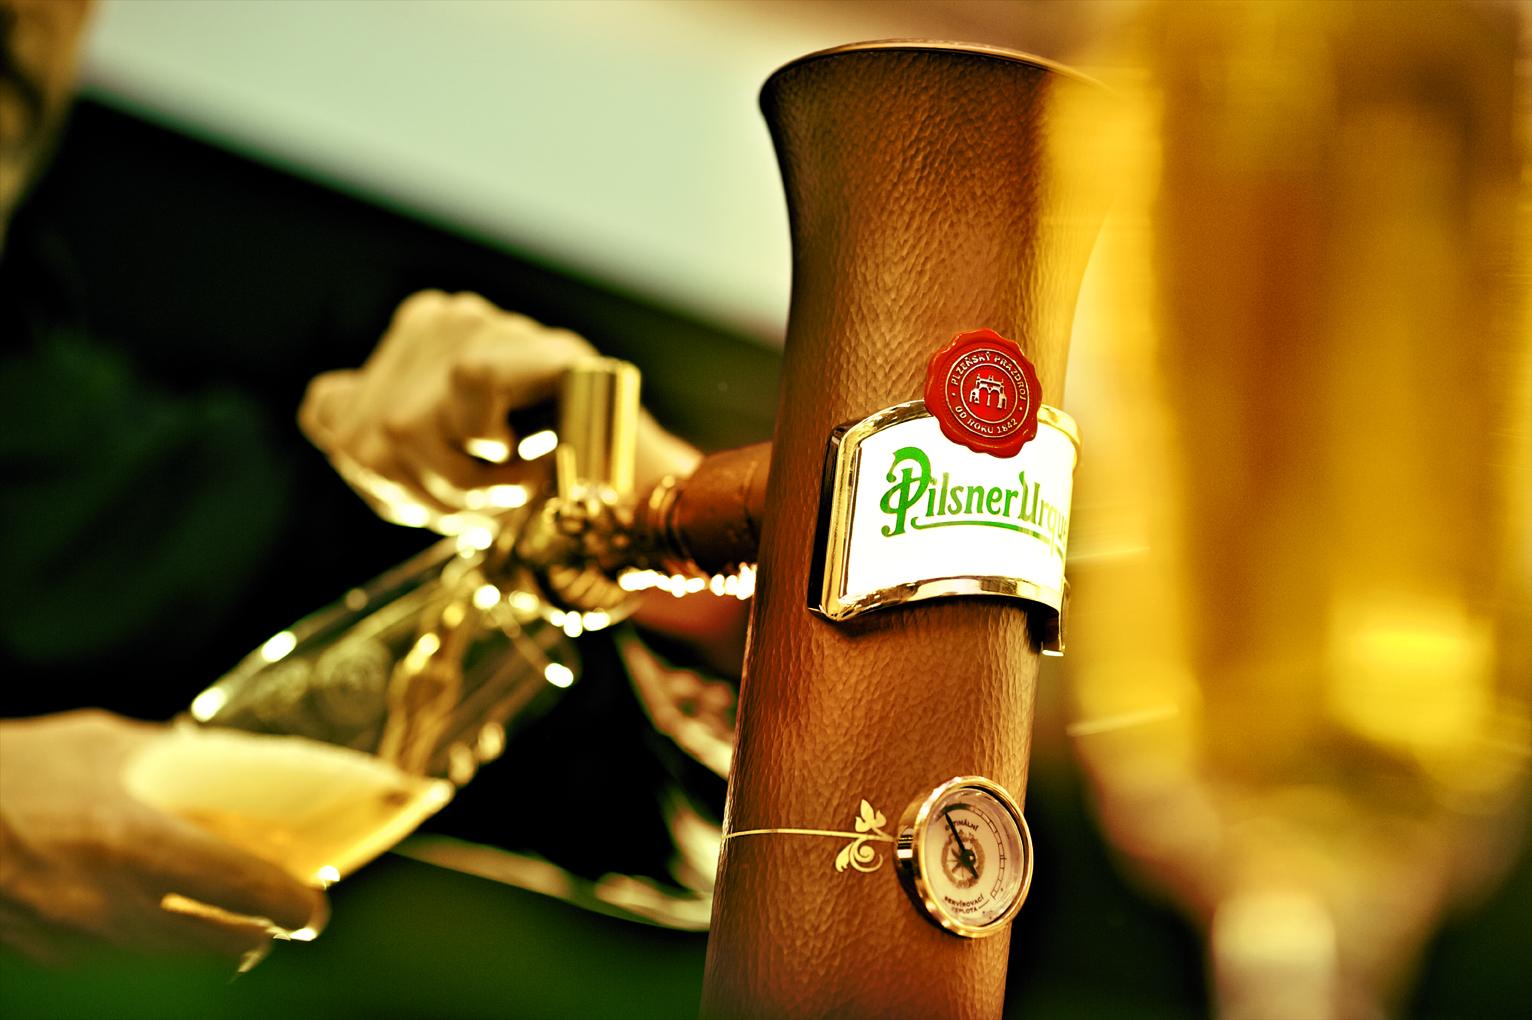 Plzeňský Prazdroj: Prošlé pivo v sudech nahradíme novým